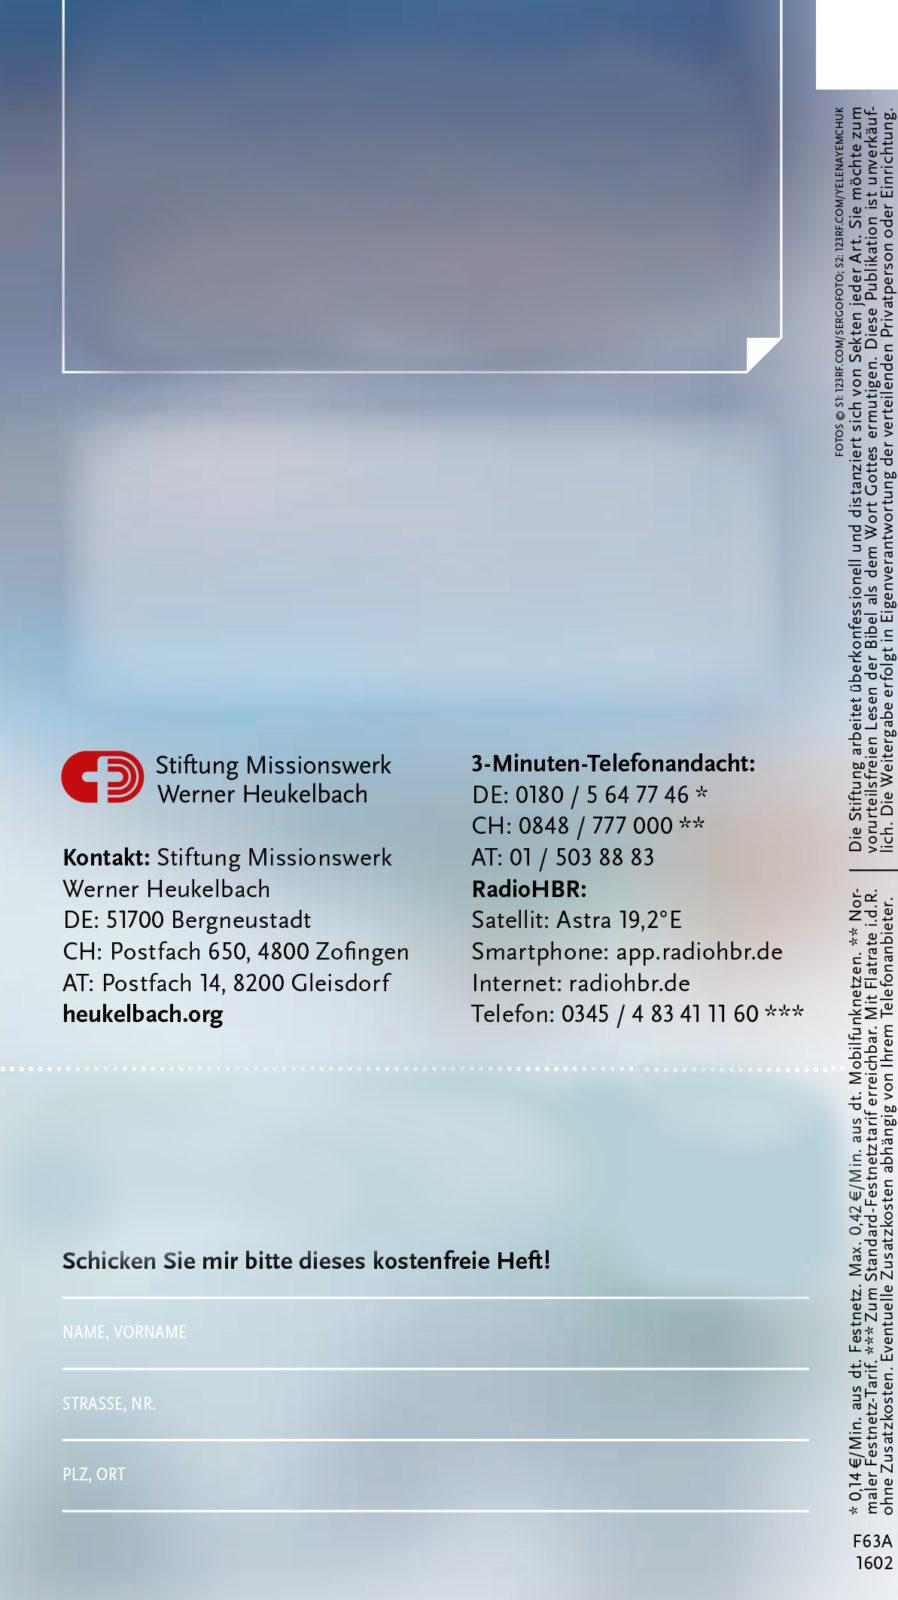 Stiftung missionswerk werner heukelbach zofingen